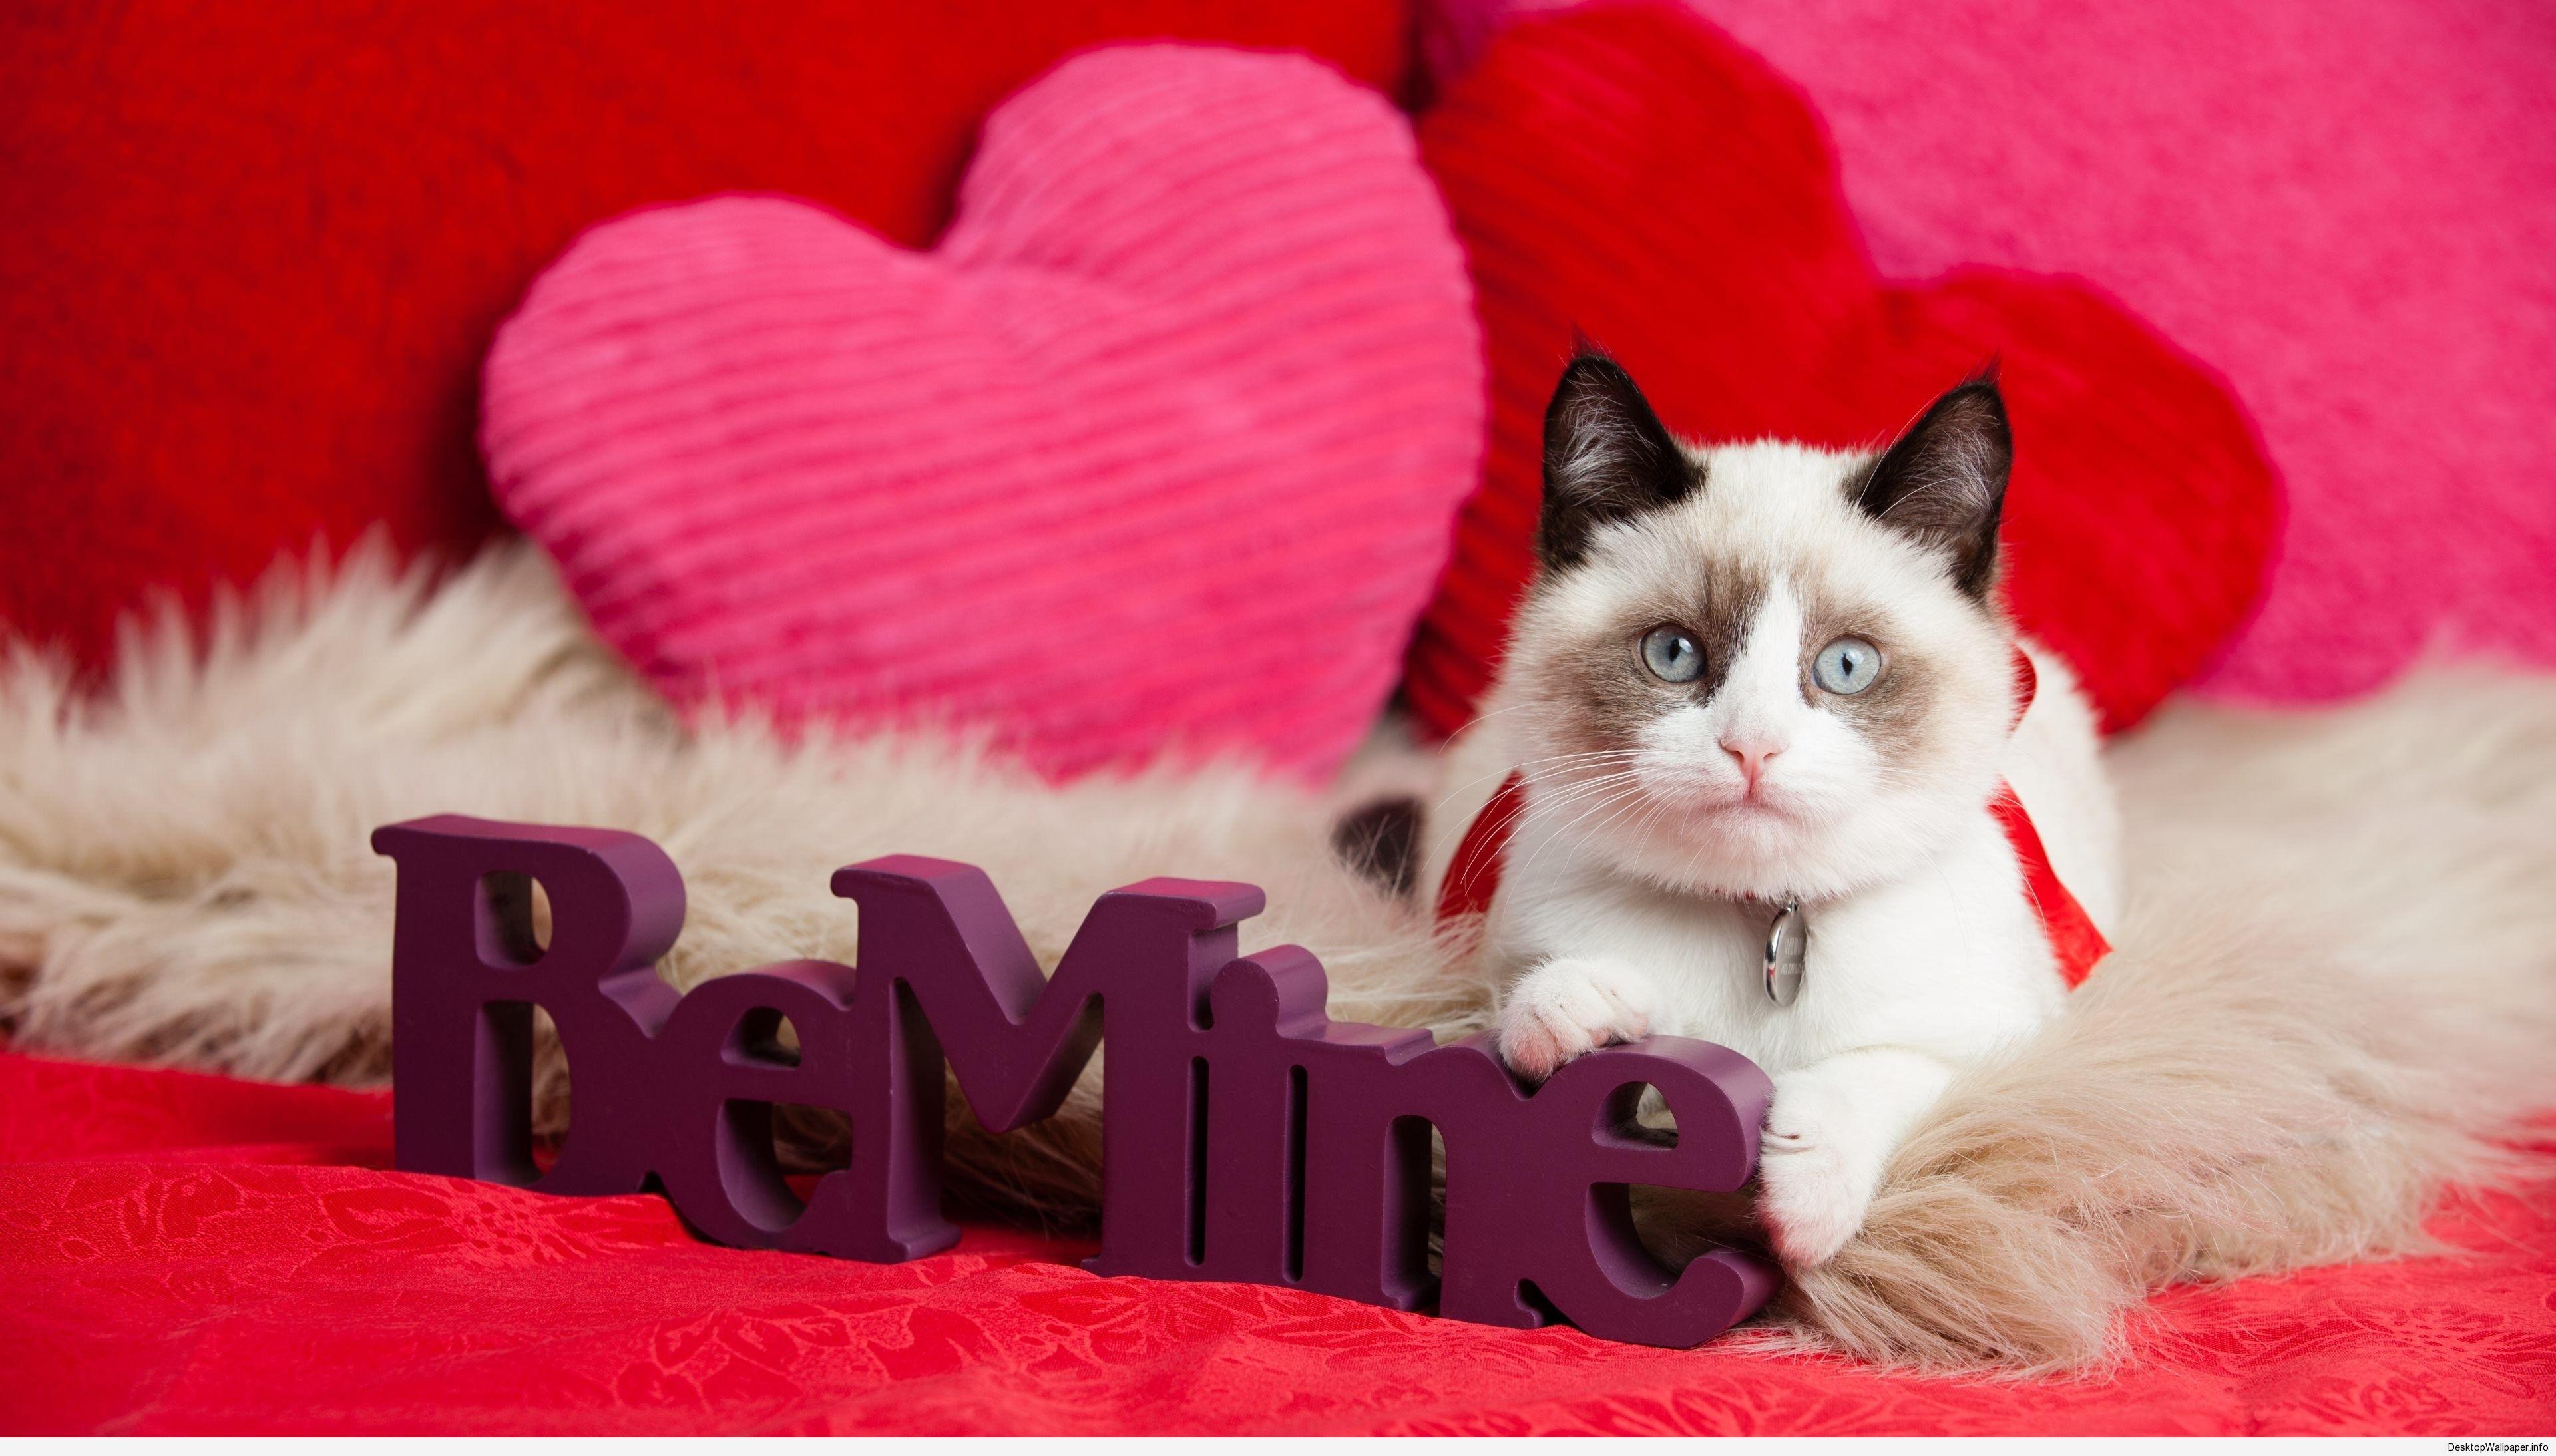 Valentine Kitten Wallpaper Http Desktopwallpaper Info Valentine Kitten Wallpaper 5368 Kitten Valen Animal Valentine Valentines Day Cat Kitten Wallpaper